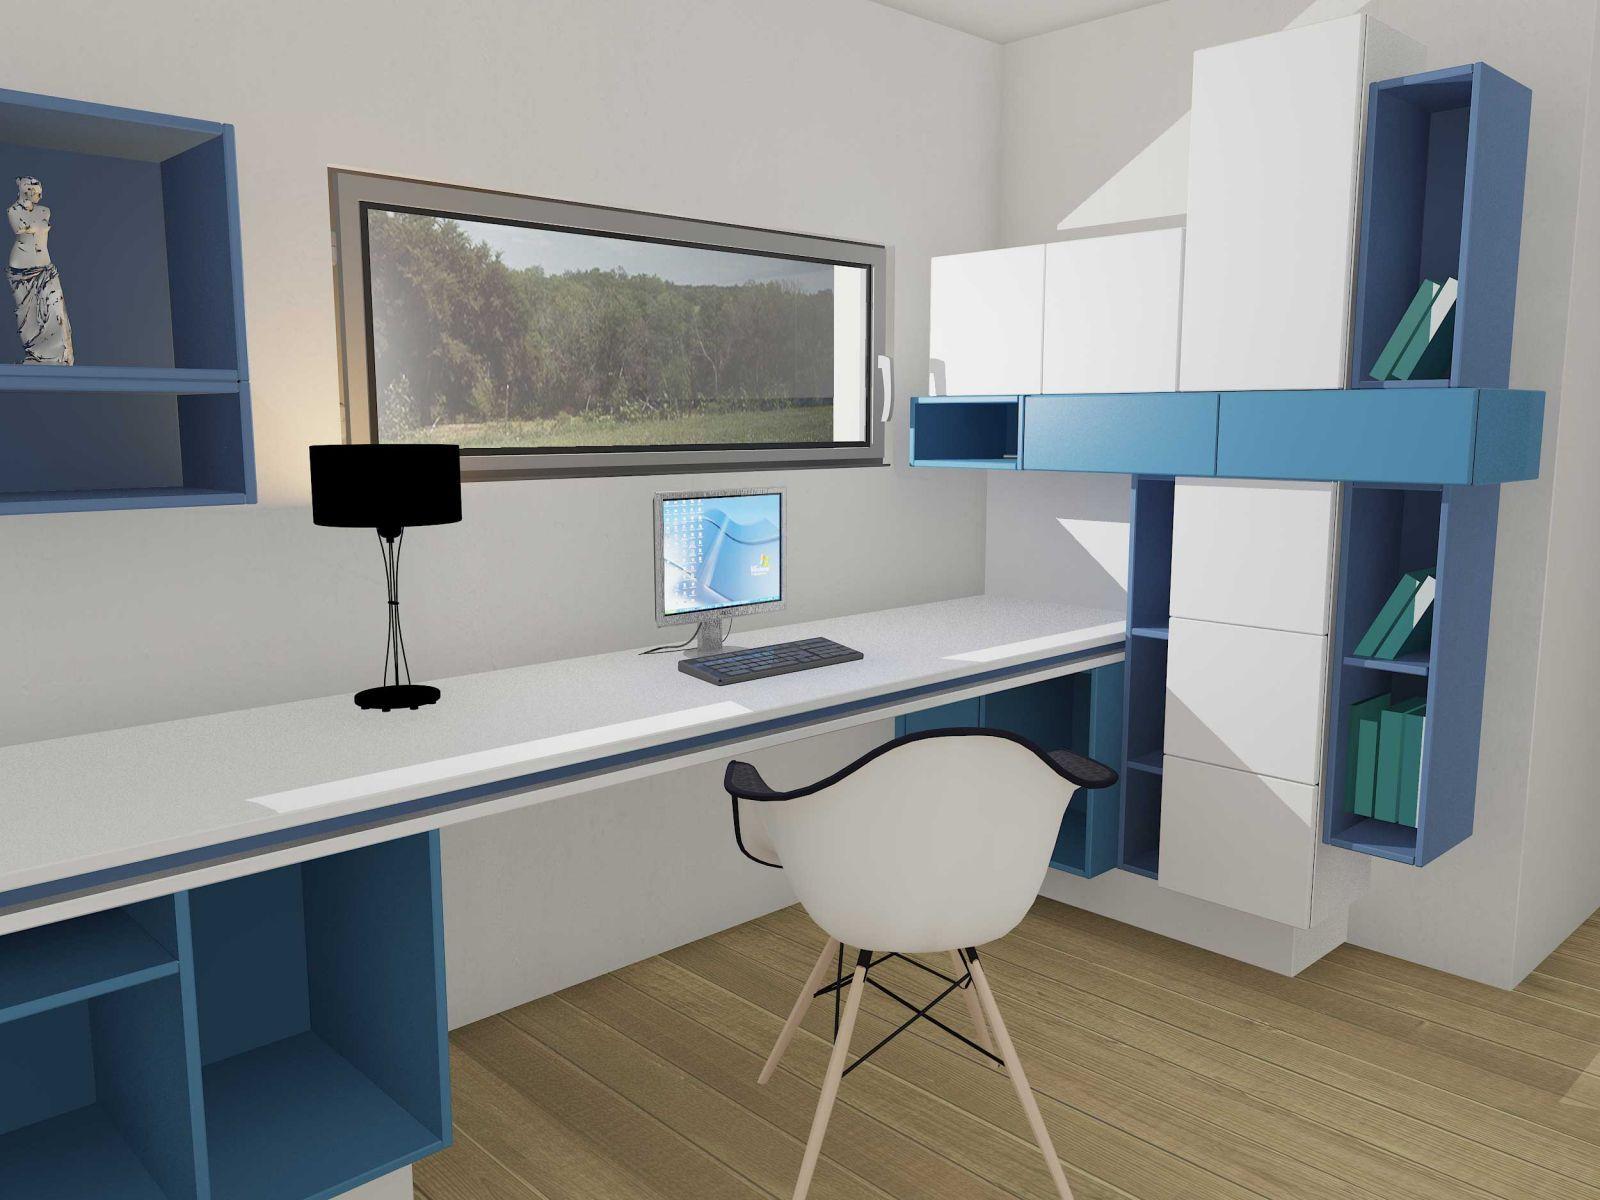 Léquipe creativ mobilier espaces bureau la rentrée et bientot